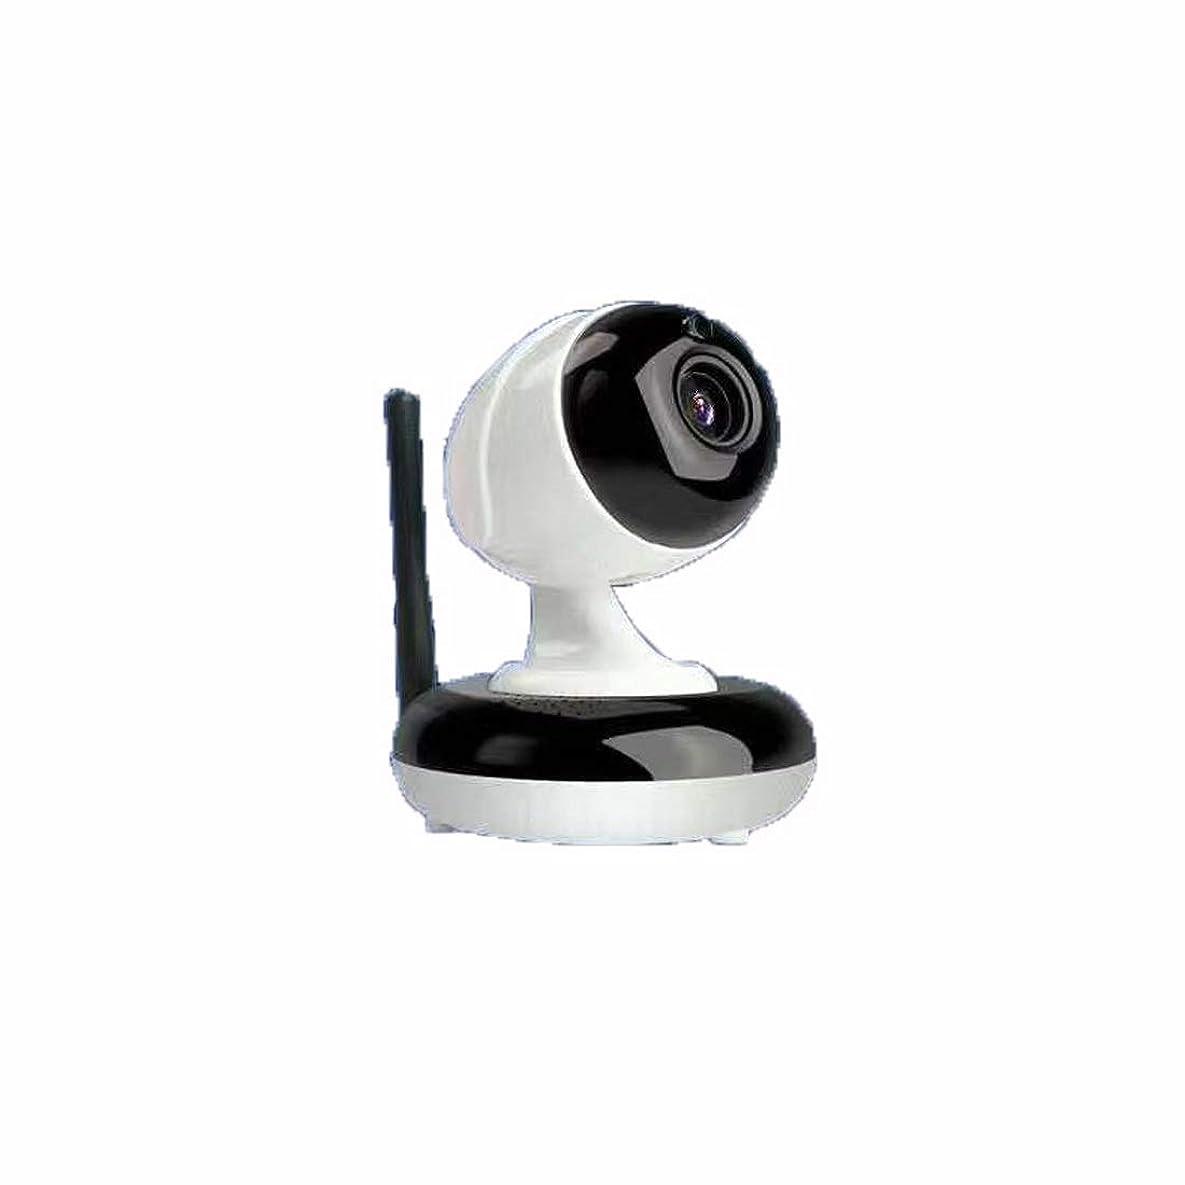 マント合わせて摂氏度FELICIAAA 4倍ズーム1080 pカメラモニターワイヤレスwifi屋外HDセット